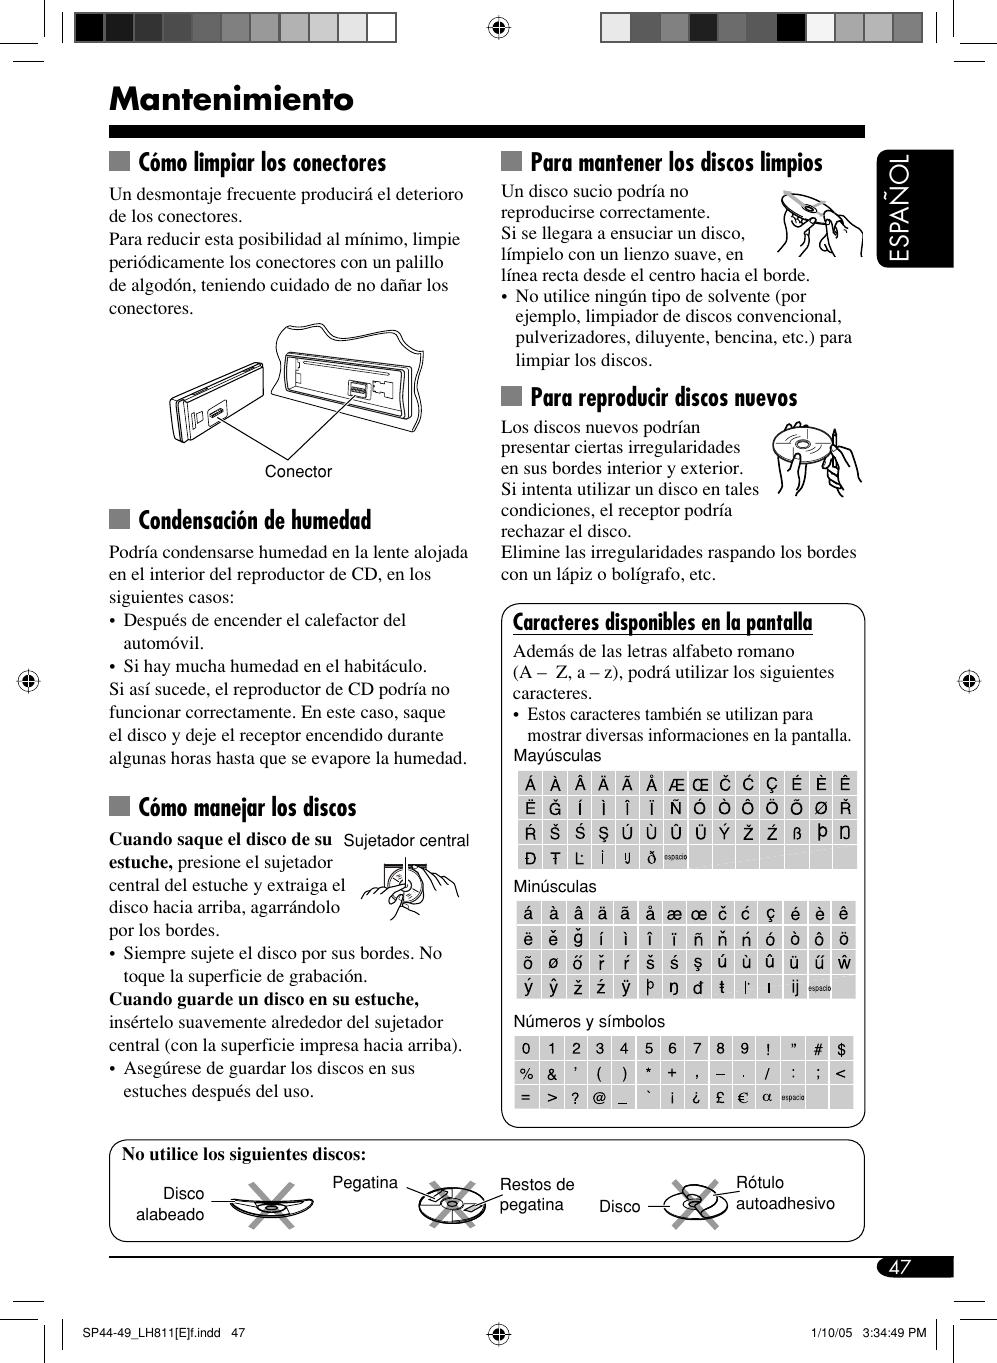 π.χ. de ταχύτητα dating EN espagnol